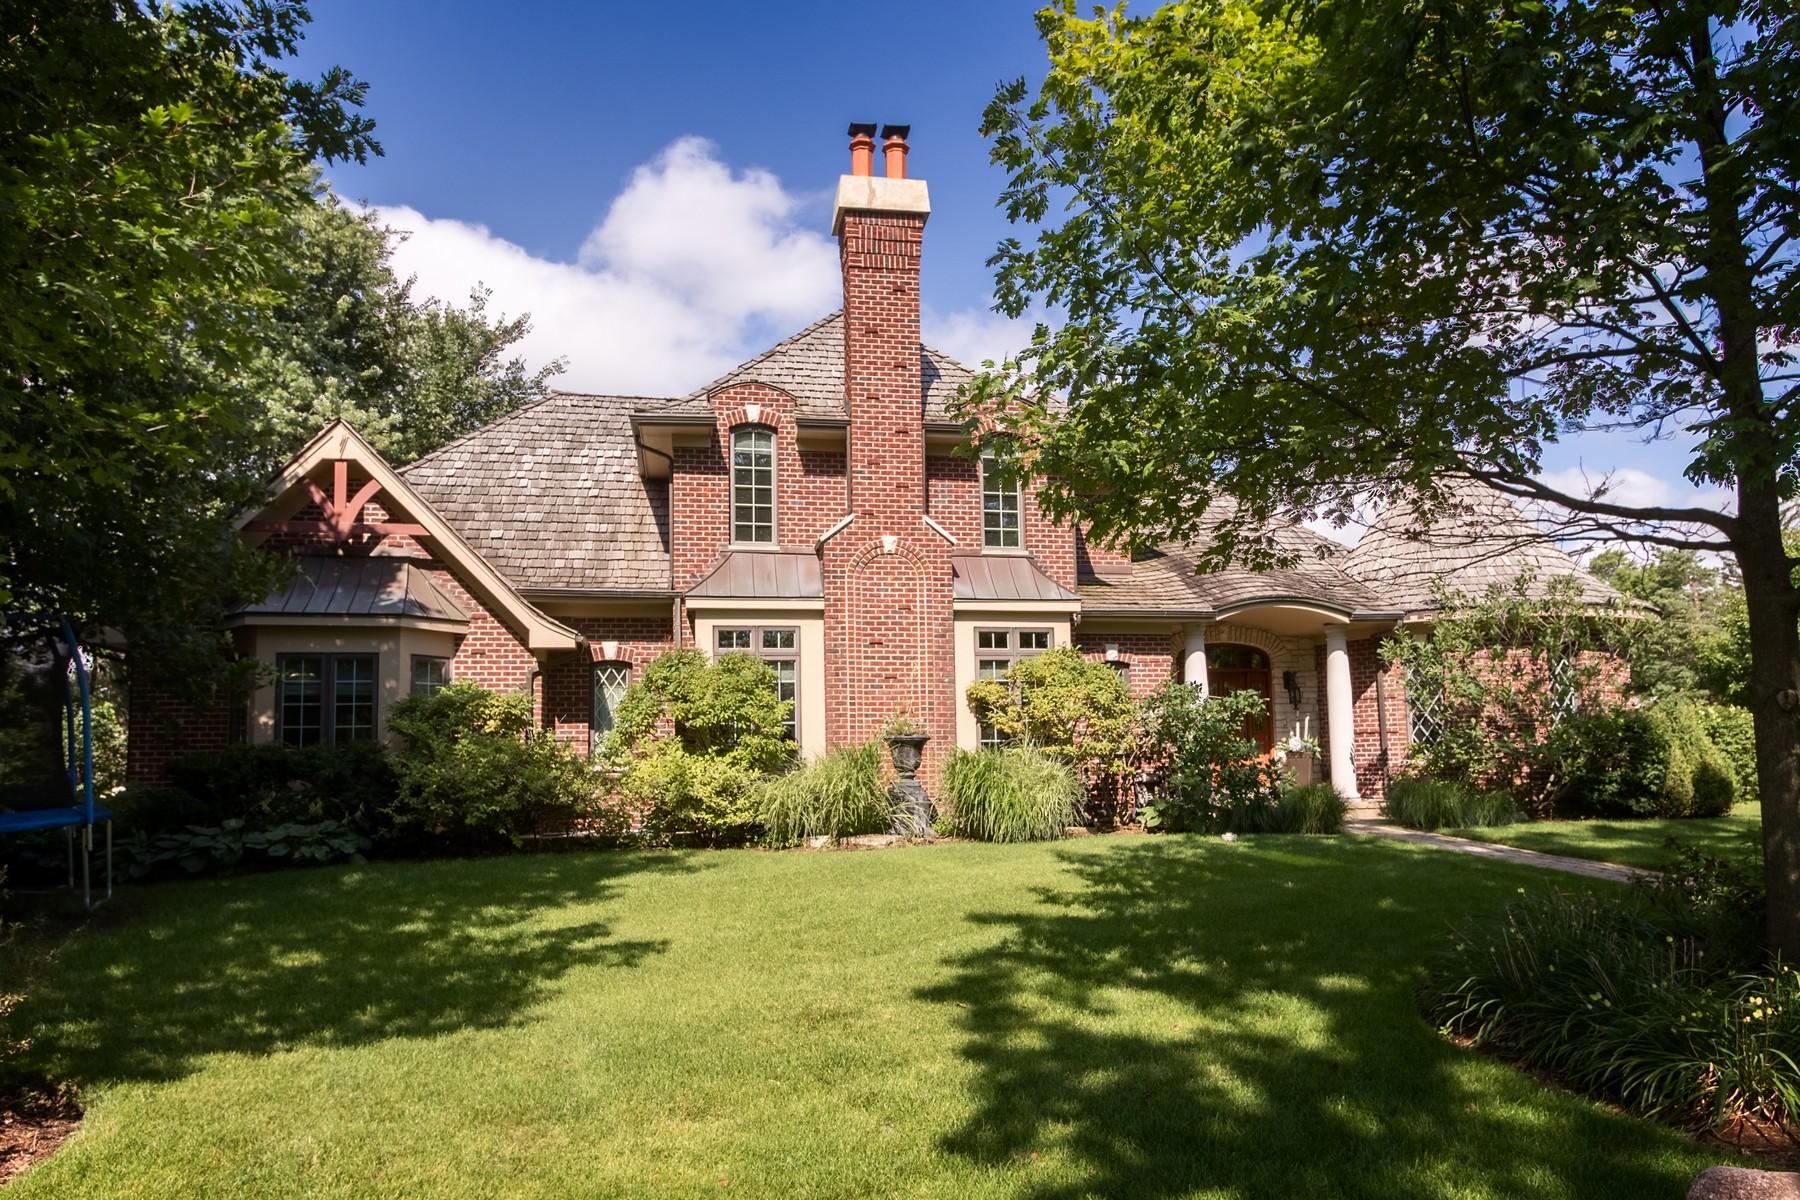 Частный односемейный дом для того Продажа на Spectacular Glen Oak Acres Home 1550 Hawthorne Lane Glenview, Иллинойс 60025 Соединенные Штаты